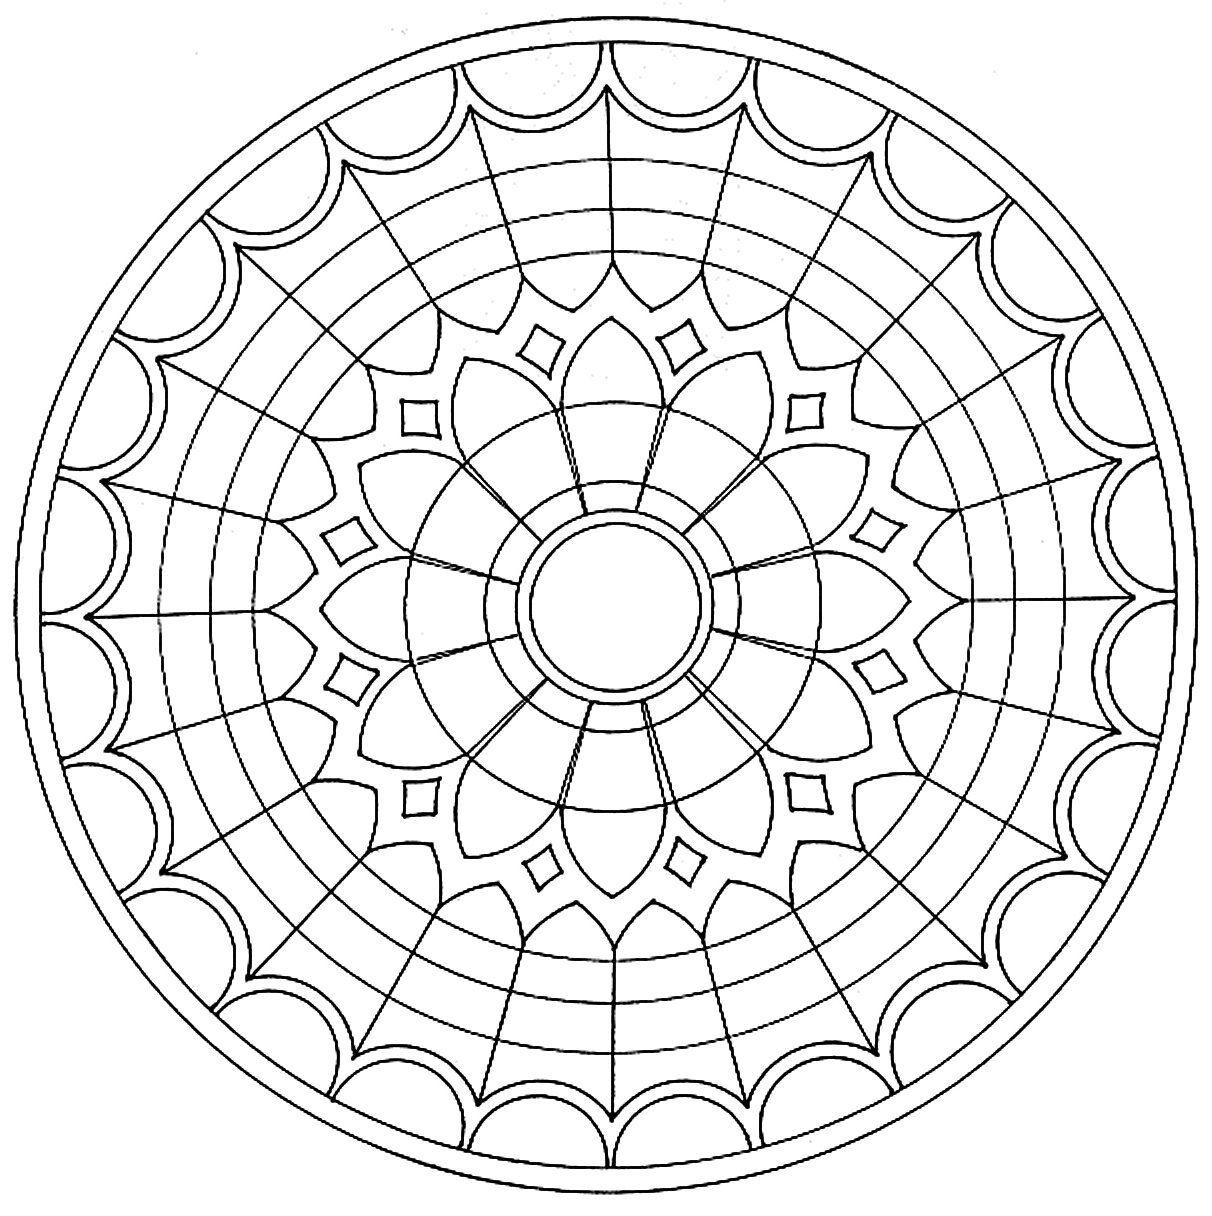 Pin von WayneJ QIAN auf Planar | Pinterest | Mandala vorlagen ...